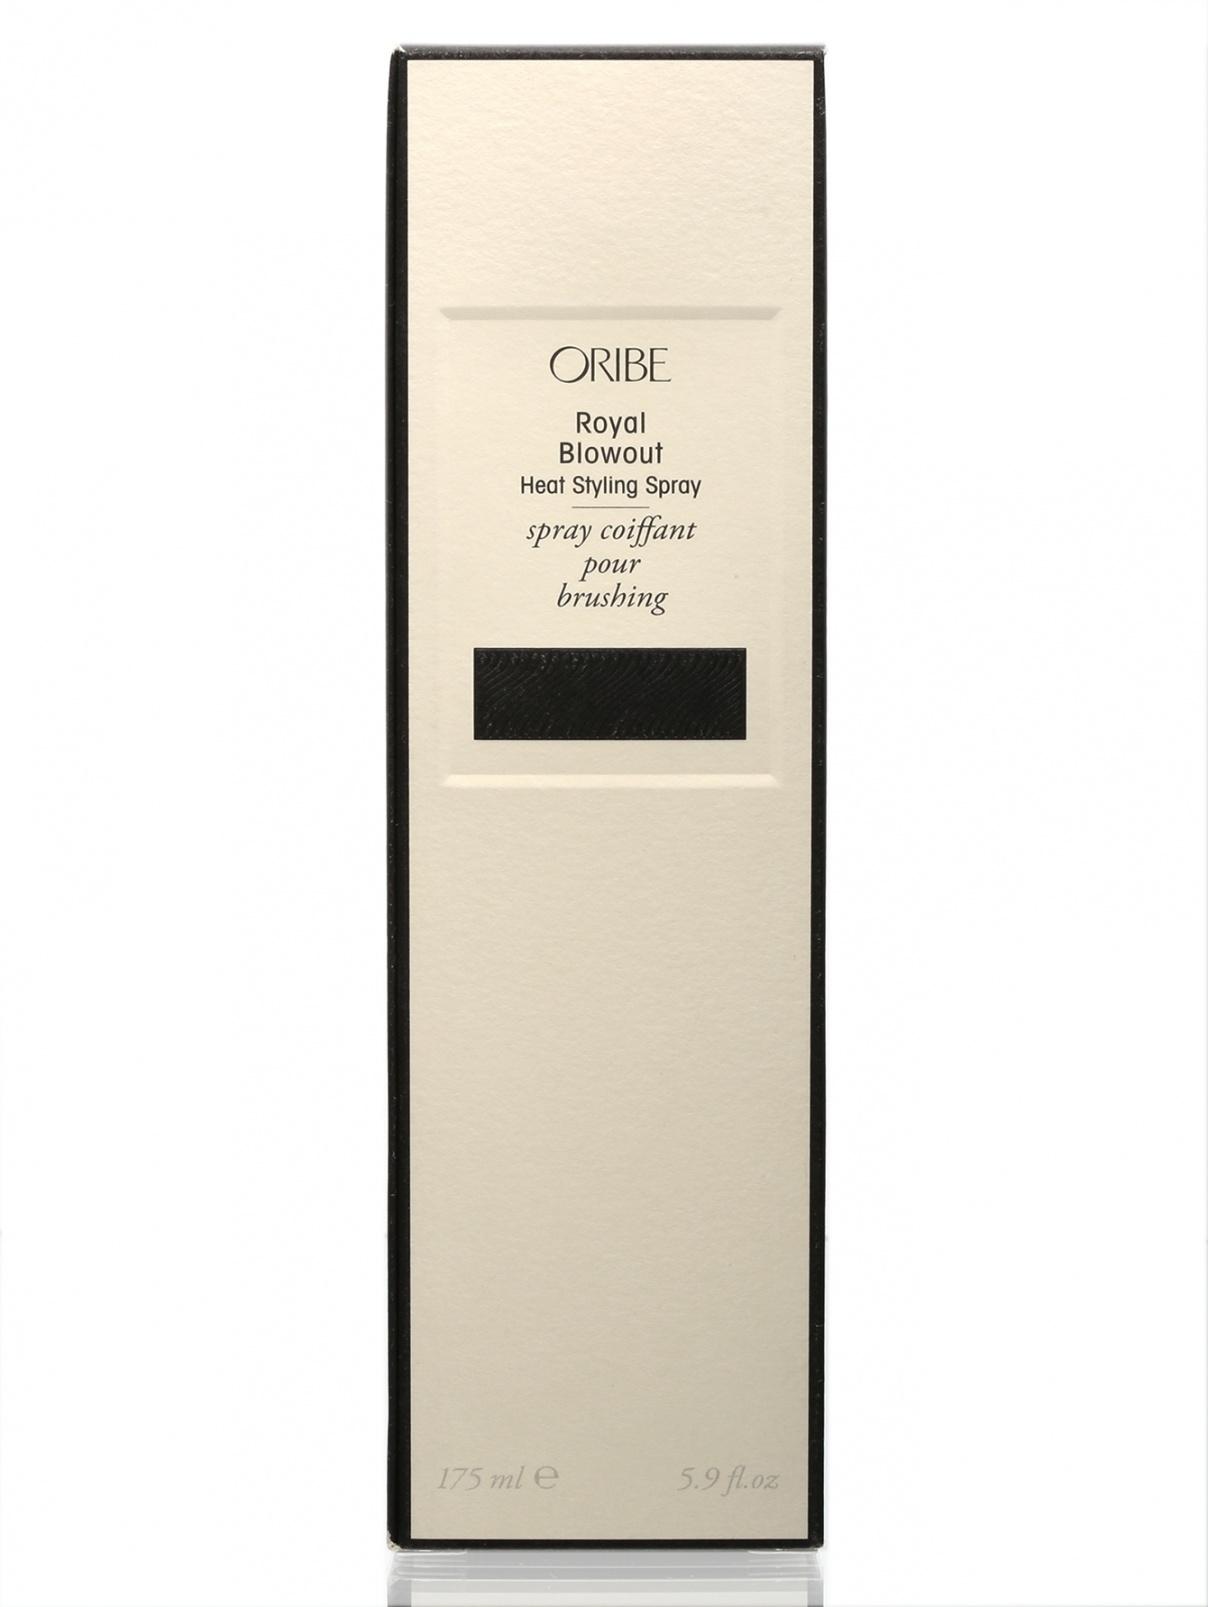 Культовый спрей для термальной укладки - Hair Care, 175ml Oribe  –  Модель Общий вид